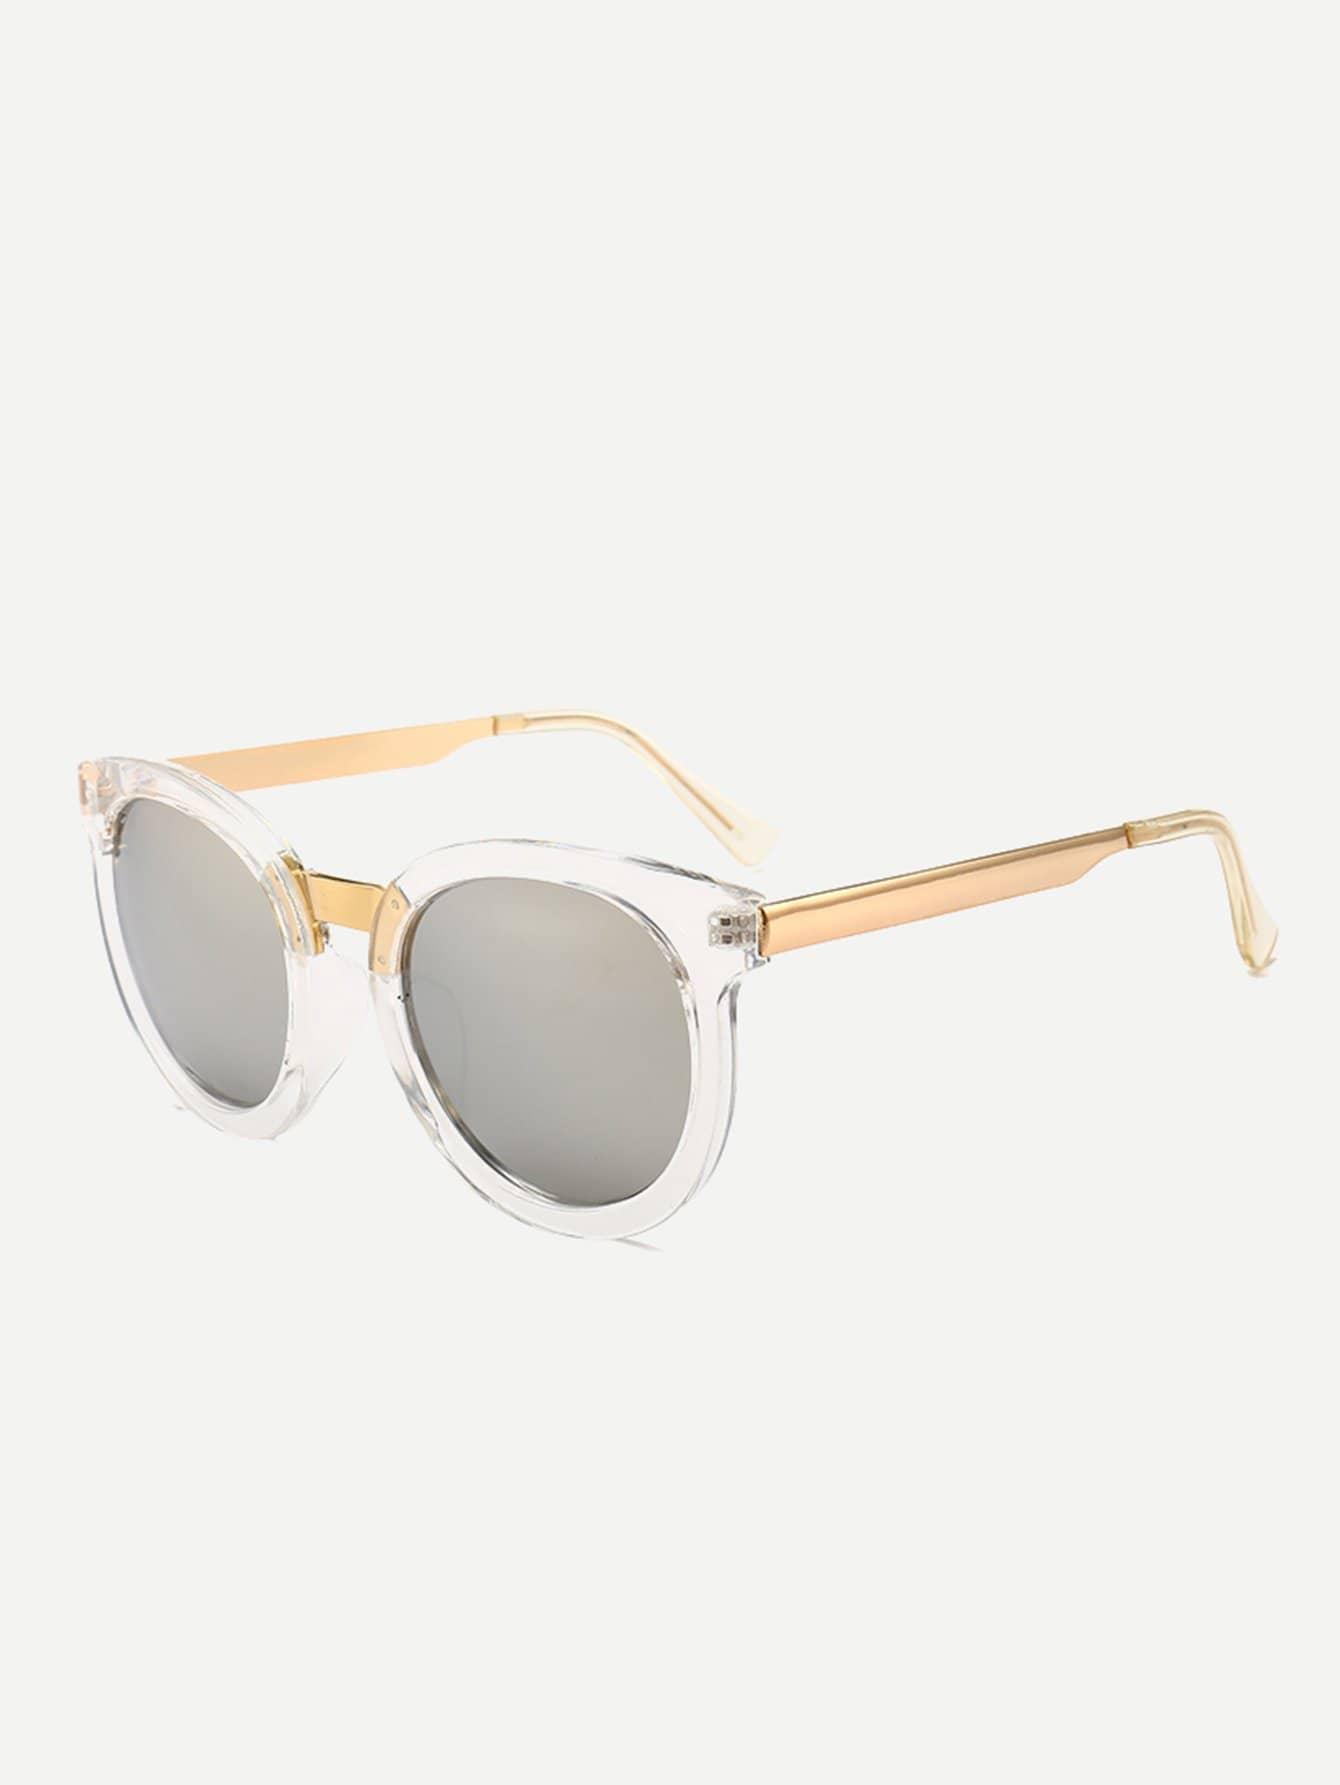 Sonnenbrille mit kontrastem Rahmen und Spiegel Linse - German romwe